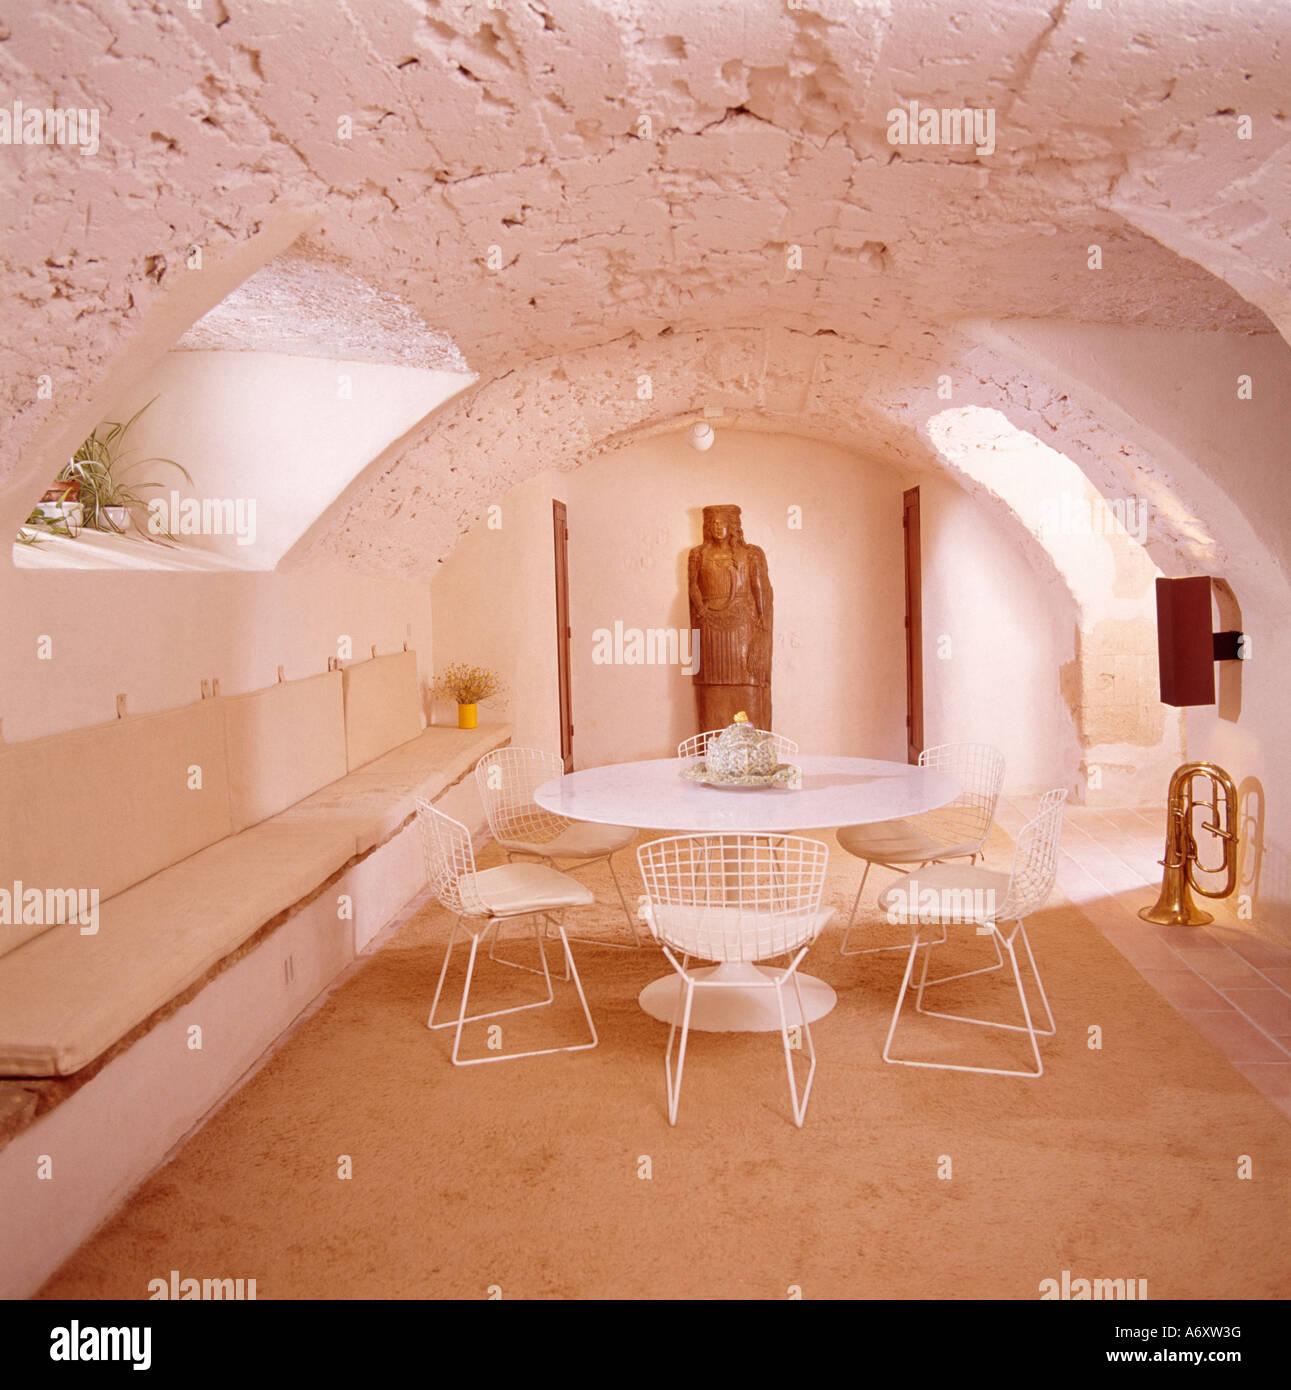 bankett bestuhlung unter fenster im keller esszimmer mit gebogenen rauen stein decke und modernen tisch - Esstisch Mit Bankettbestuhlung